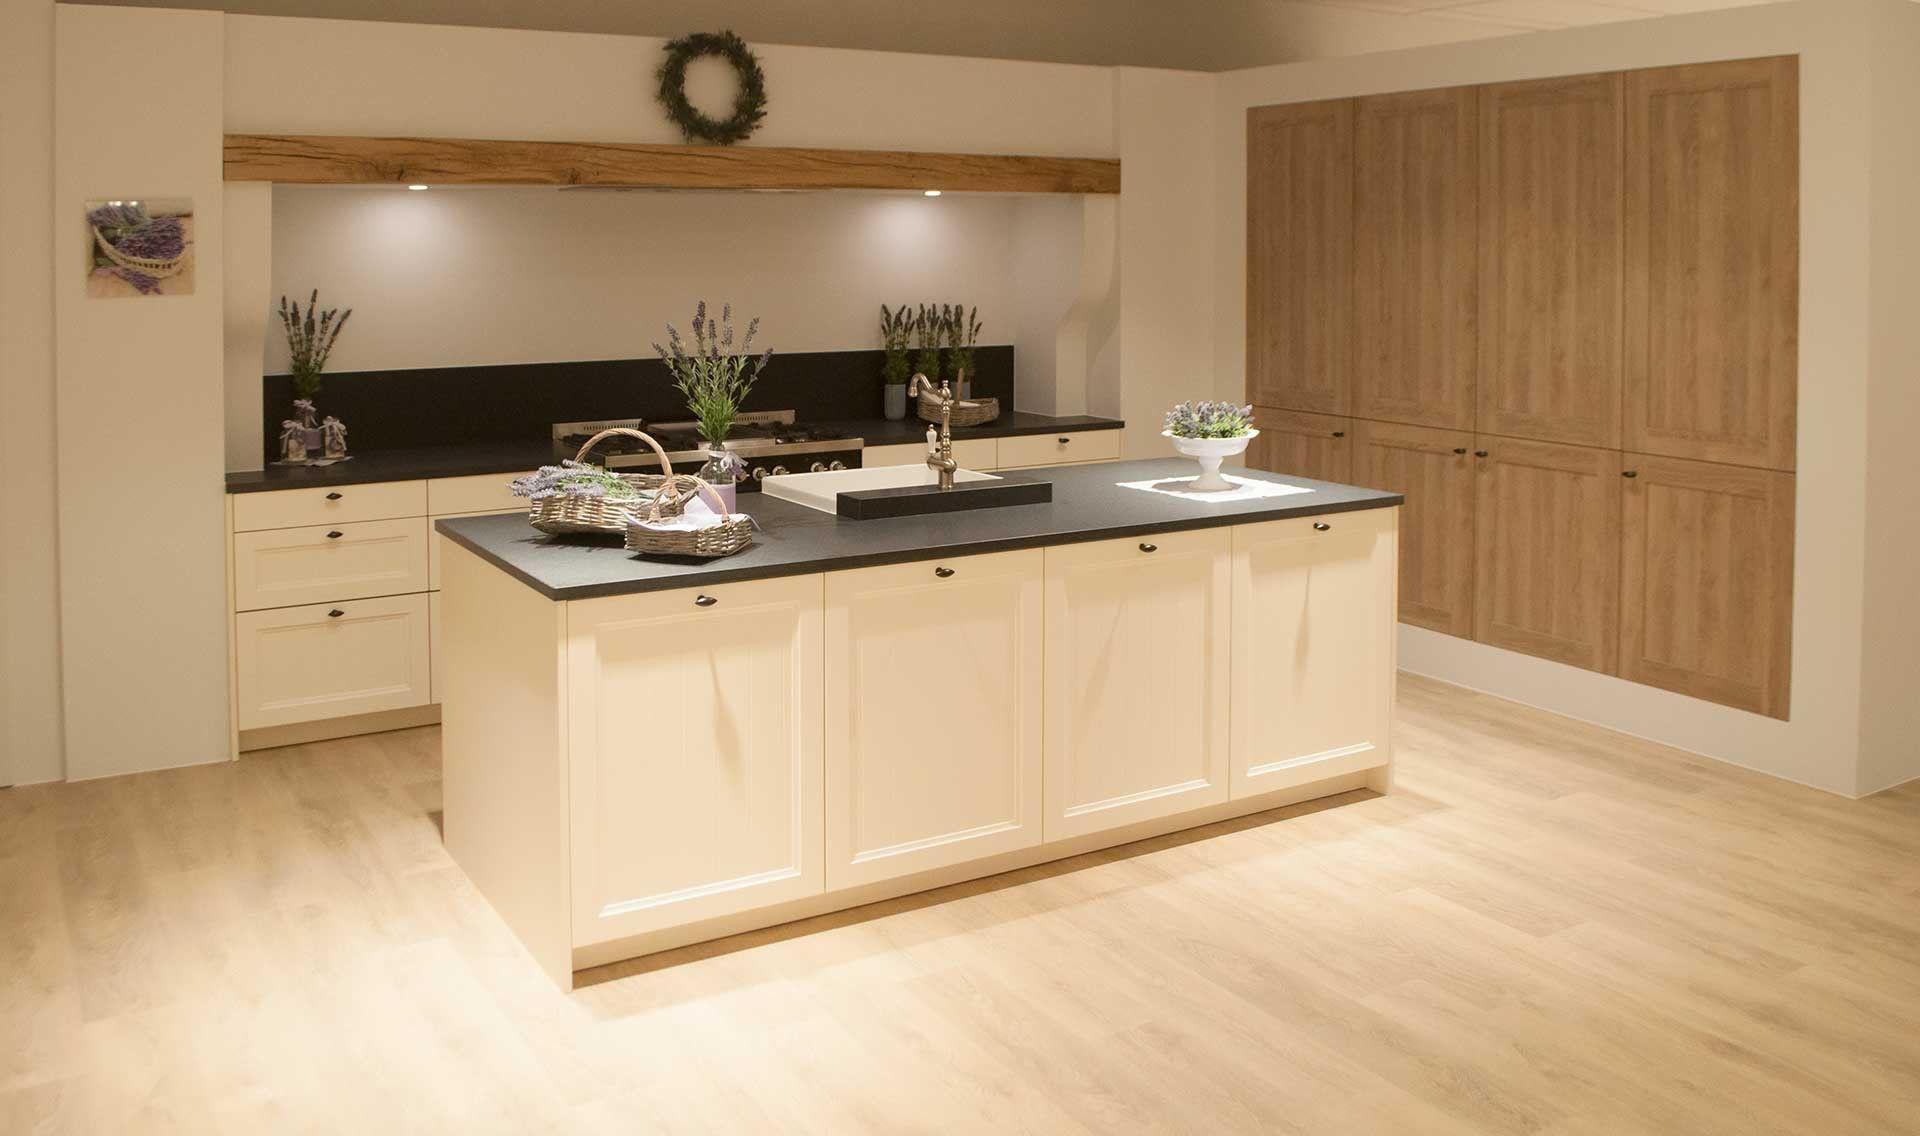 Landelijke lichte keuken met graniet deze landelijk keuken heeft een prachtige lichte kleur - Geloof lichte keuken ...